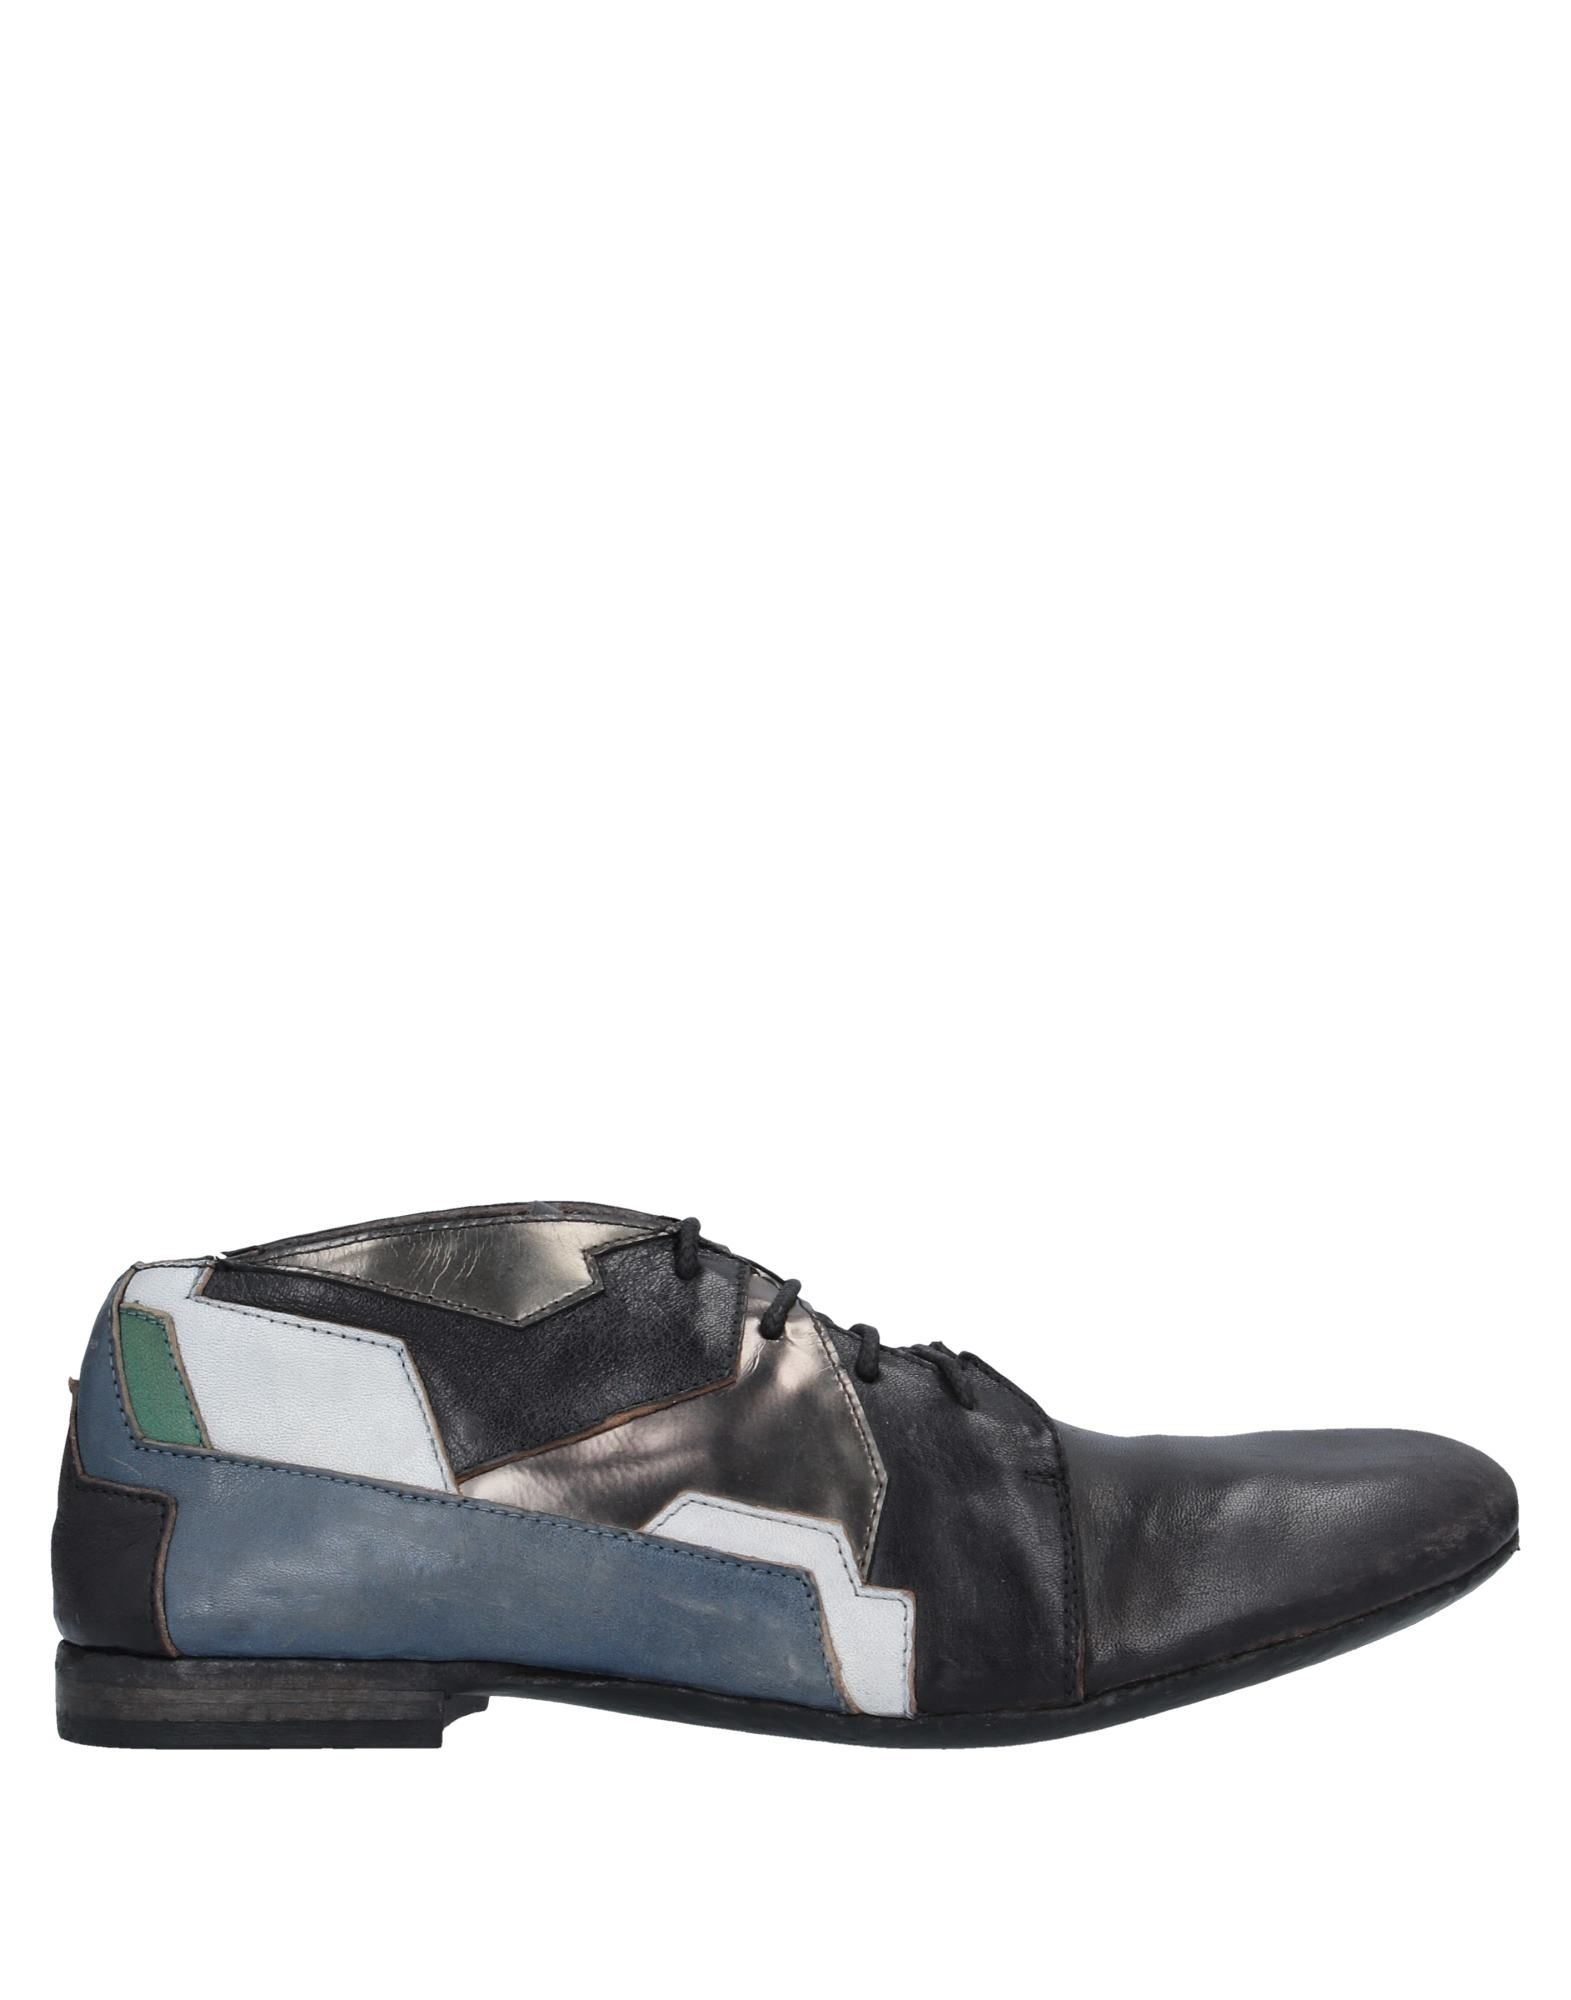 Фото - STRATEGIA Обувь на шнурках strategia обувь на шнурках